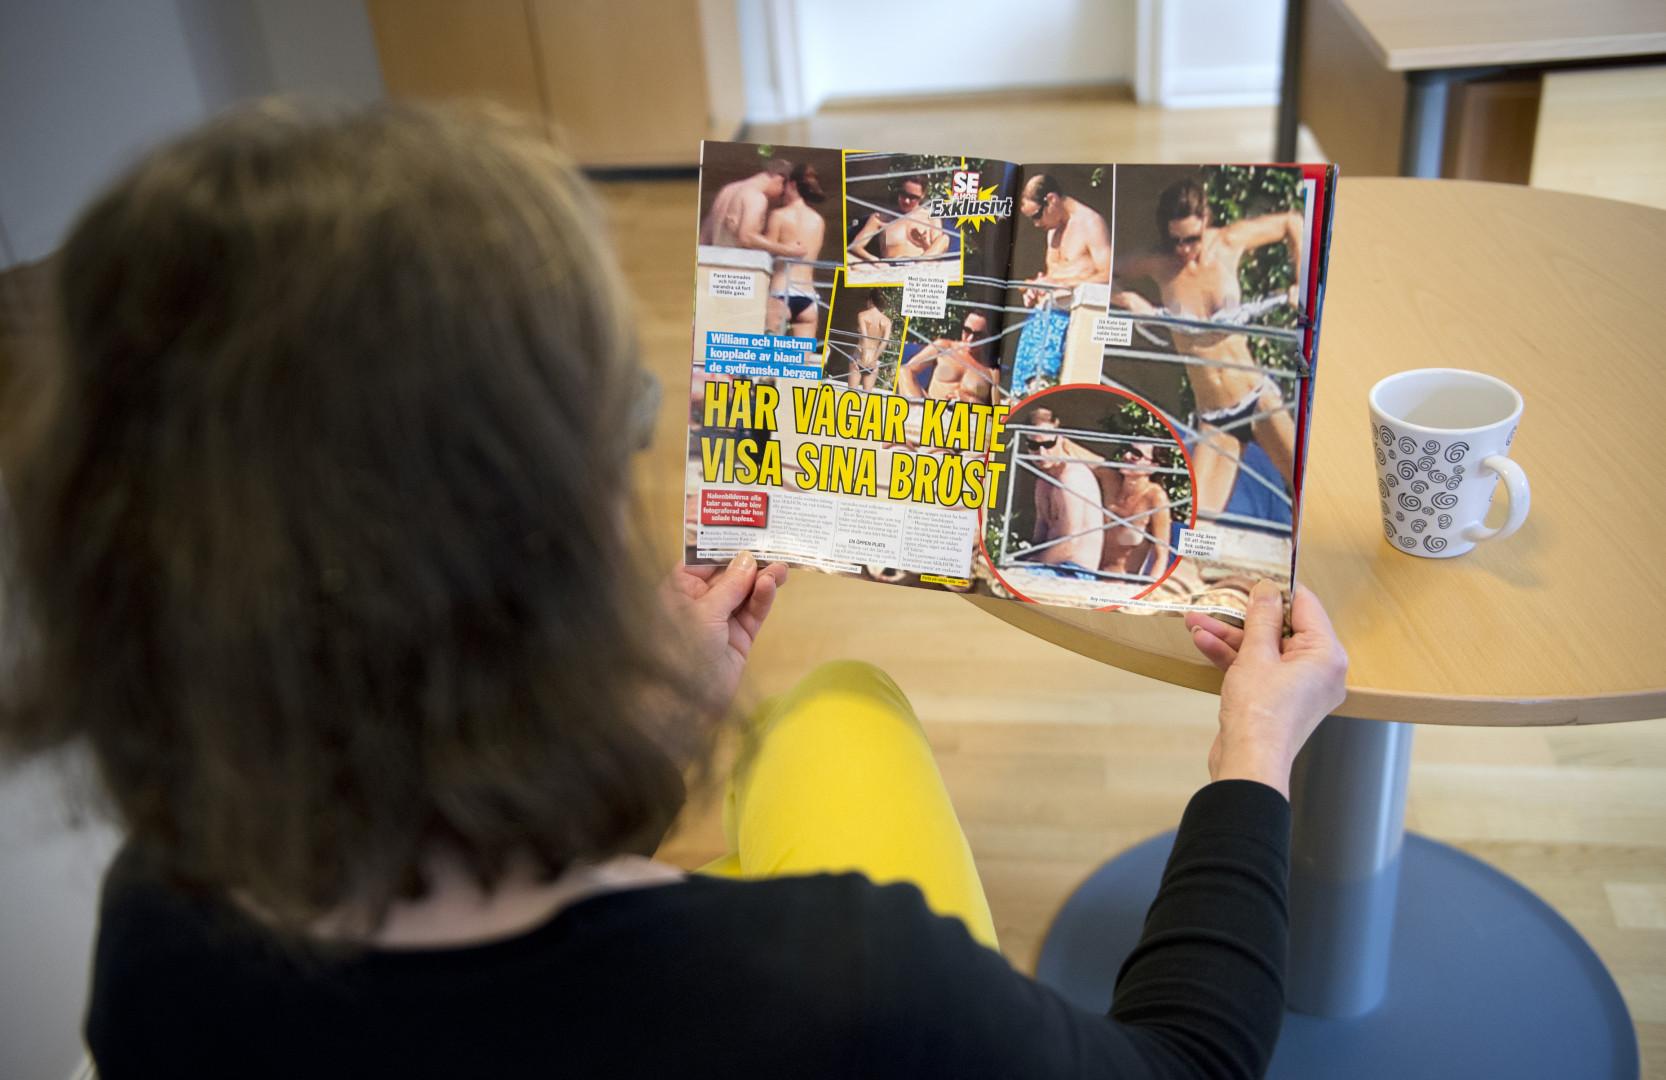 Des photos de Kate et William en vacances fuitent dans la presse suédoise en septembre 2012